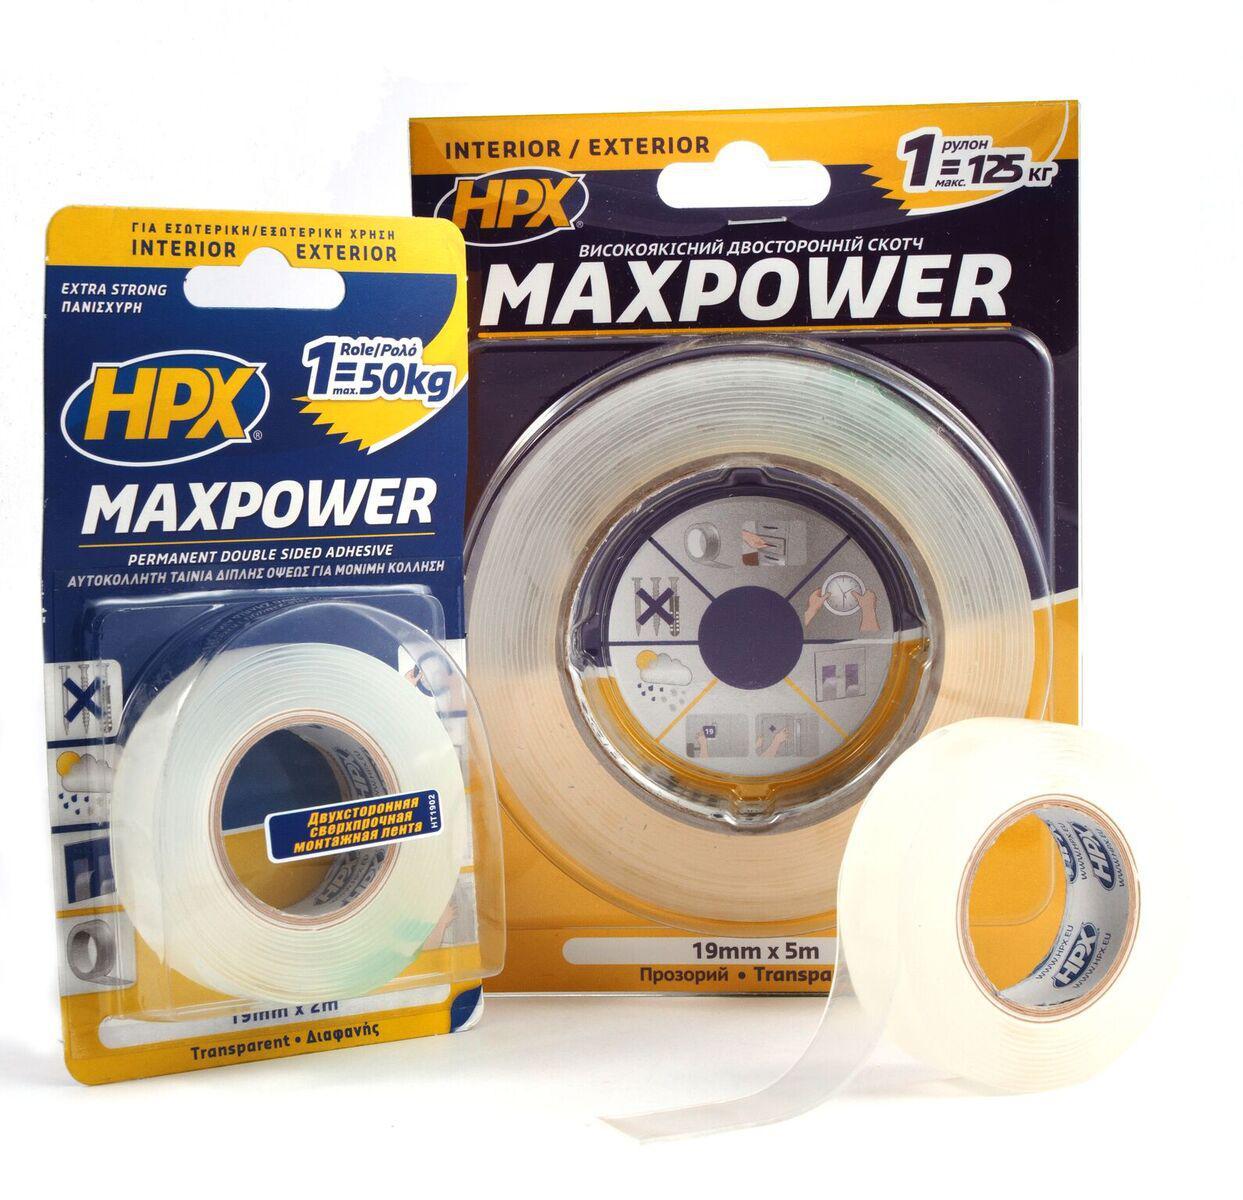 MAXPOWER - прозрачная двусторонняя лента (скотч) для экстремальных нагрузок